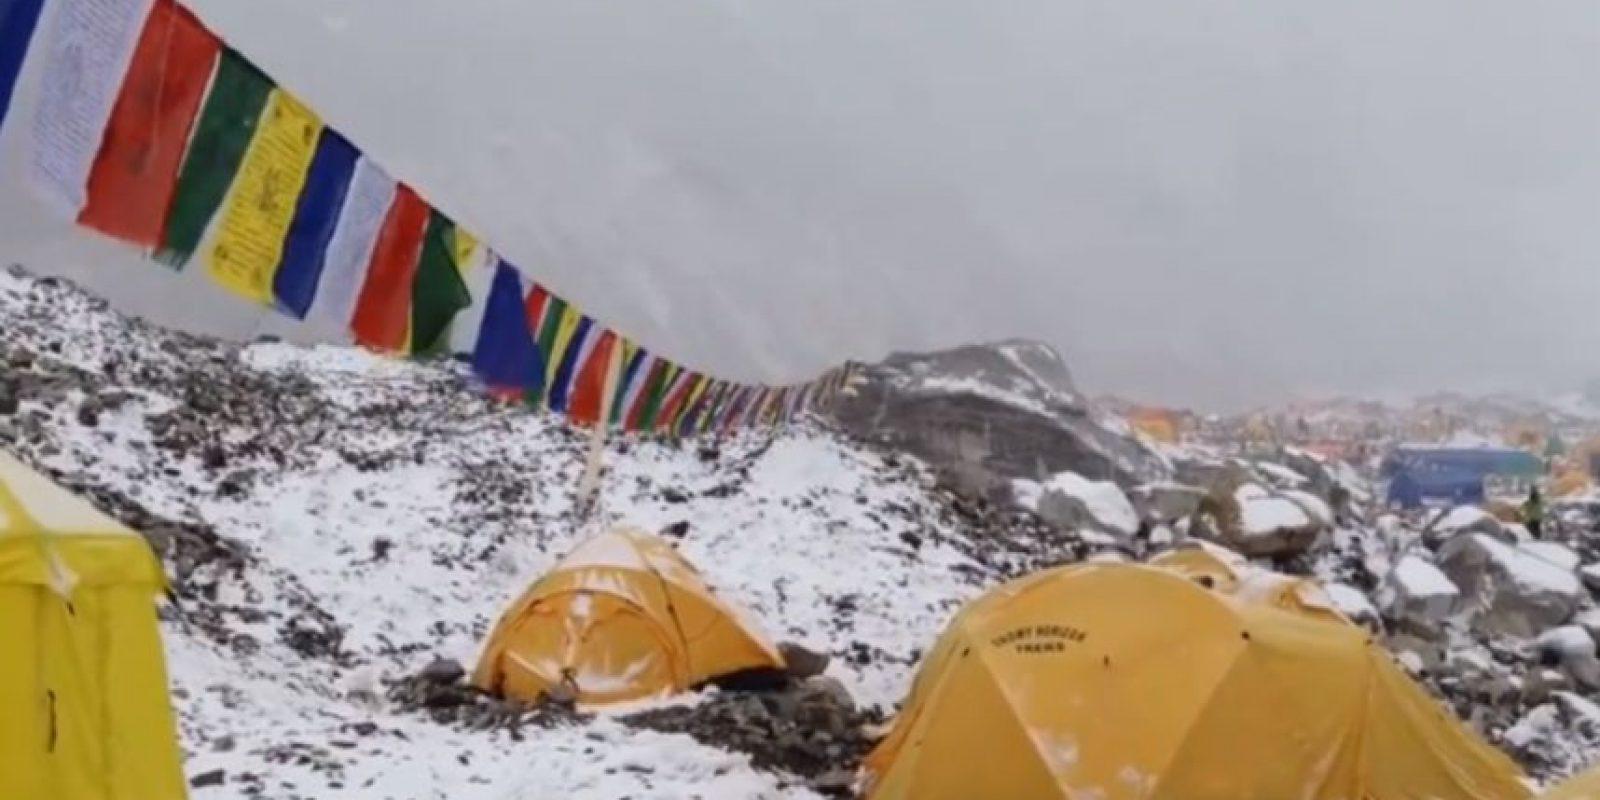 Todo era normal en el campamento del alpinista alemán Jost Kobusch Foto:vía Youtube/Jost Kobusch